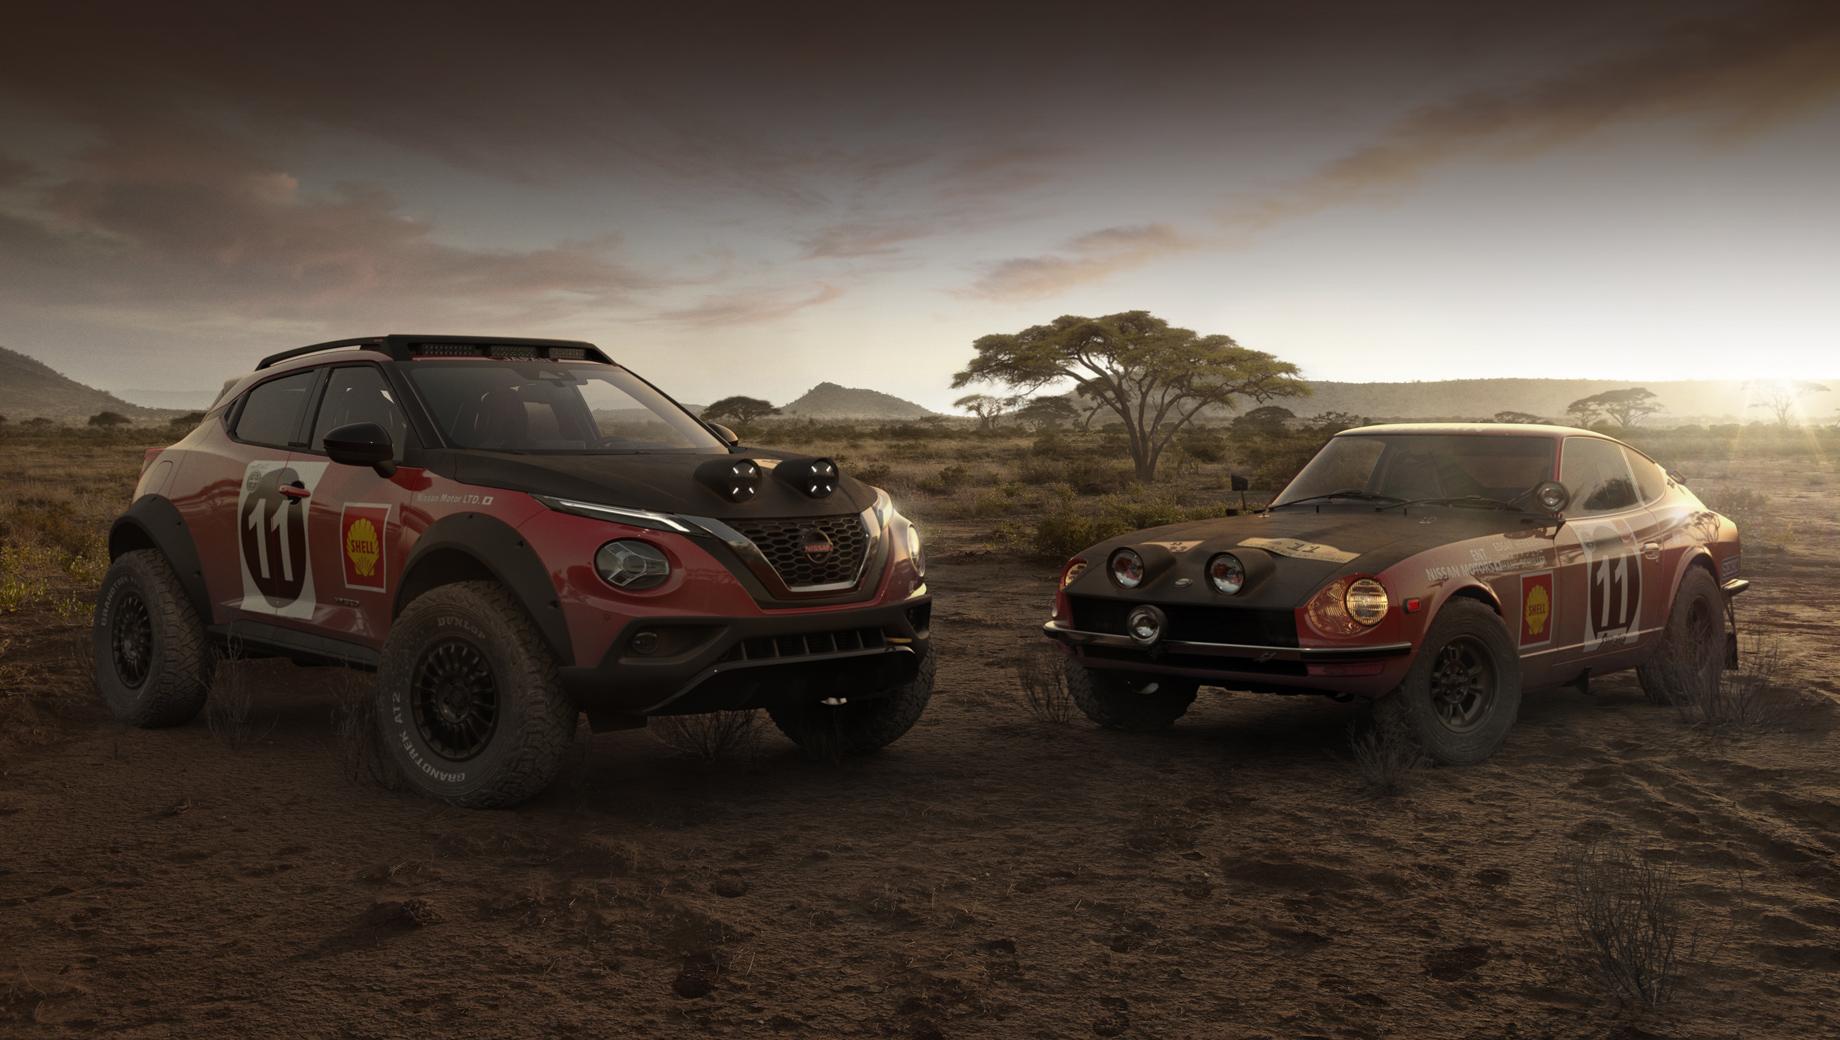 Nissan juke,Nissan concept,Nissan juke rally tribute. Идея раллийного Джука принадлежит европейскому отделению Ниссана. Именно оно пририсовало машине внедорожные колёса в расширенных арках, дополнительный свет и прочие экзотические атрибуты.